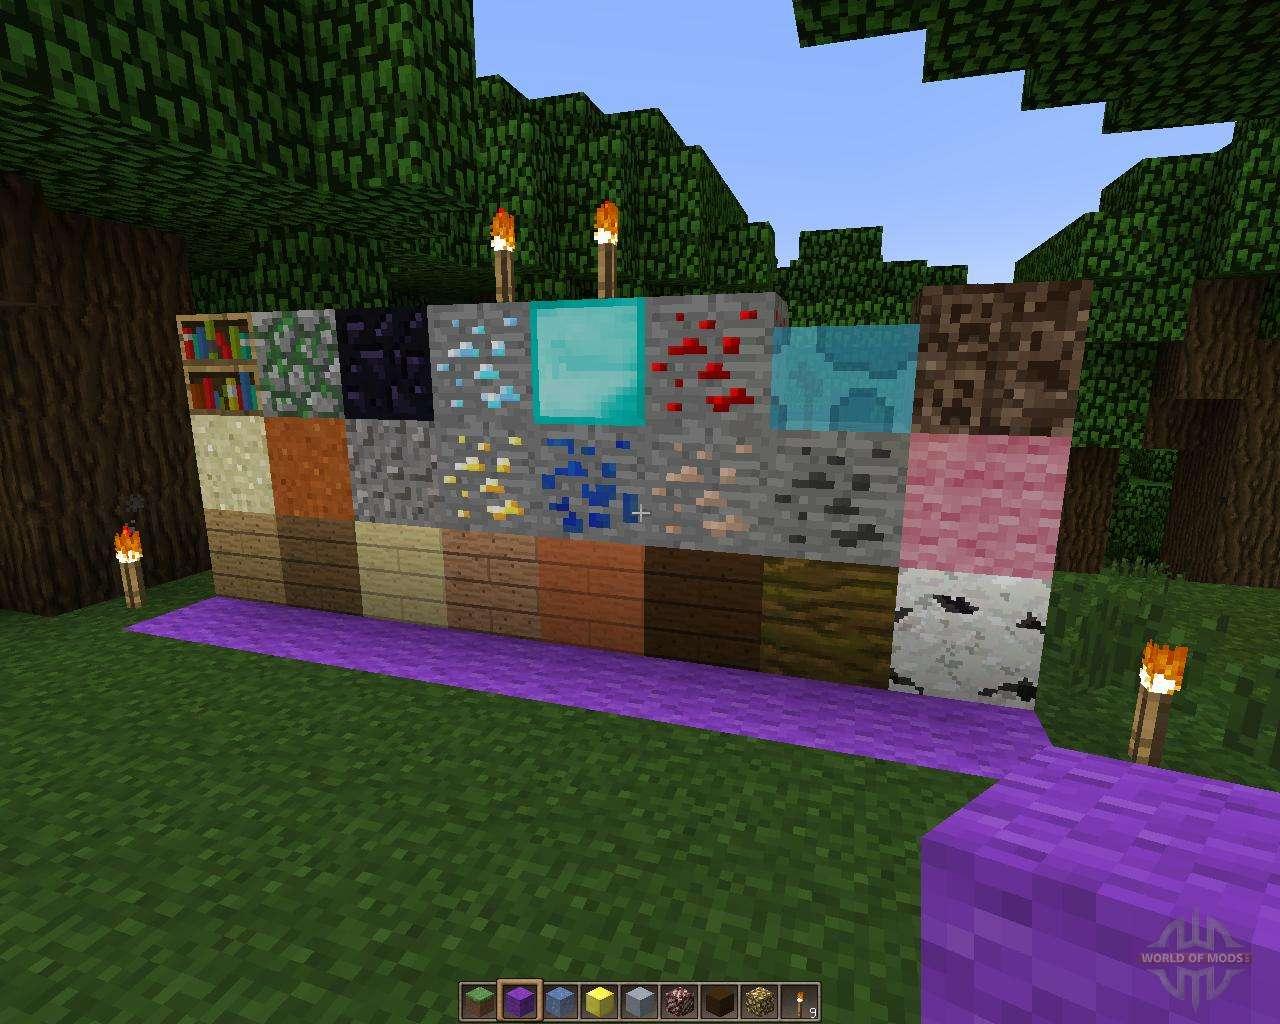 Моды, карты, текстуры для Warcraft 3 Reforged, Minecraft ...